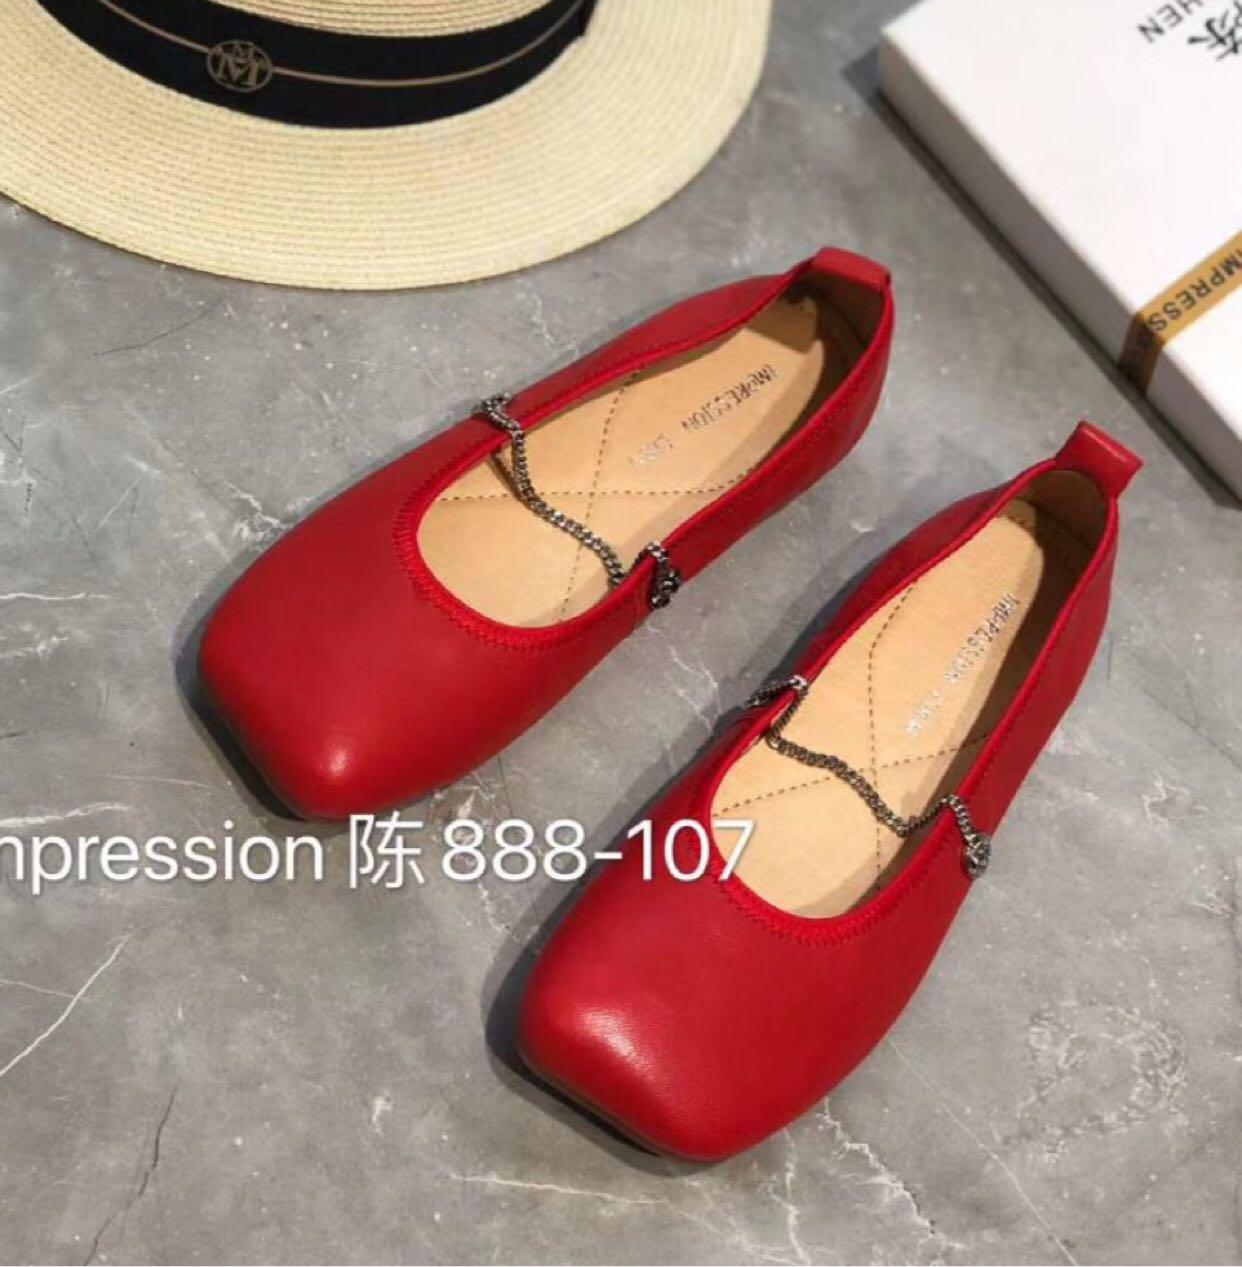 米拉之家女鞋新款芭蕾舞款式舒适平底鞋真皮漆皮浅口单鞋简约大气